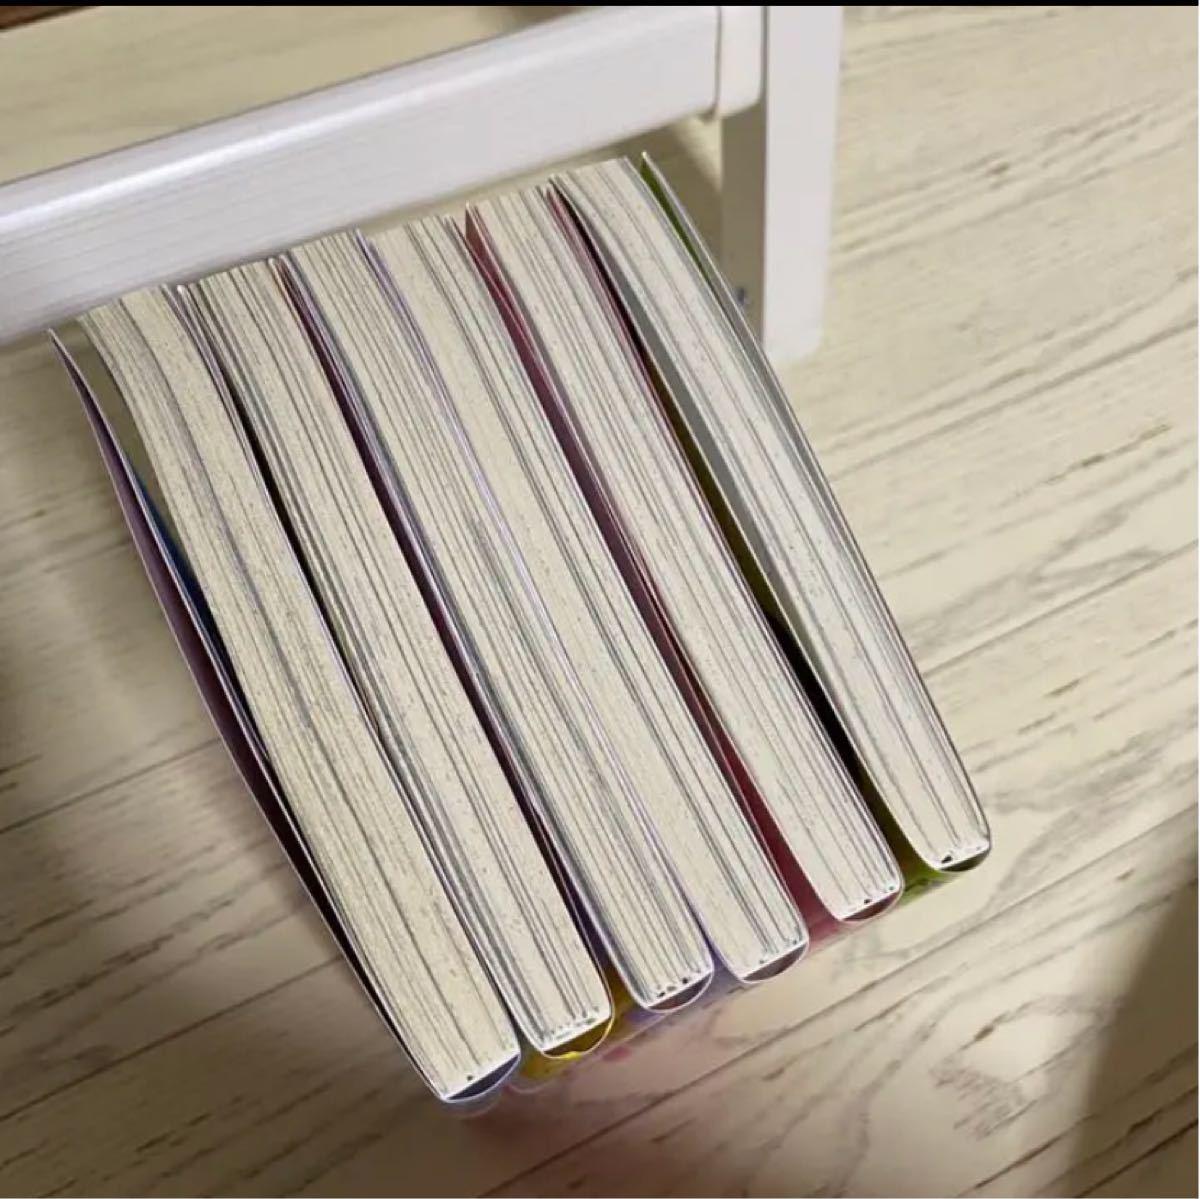 【値下げ】凪のお暇 1-6巻セット コナリミサト